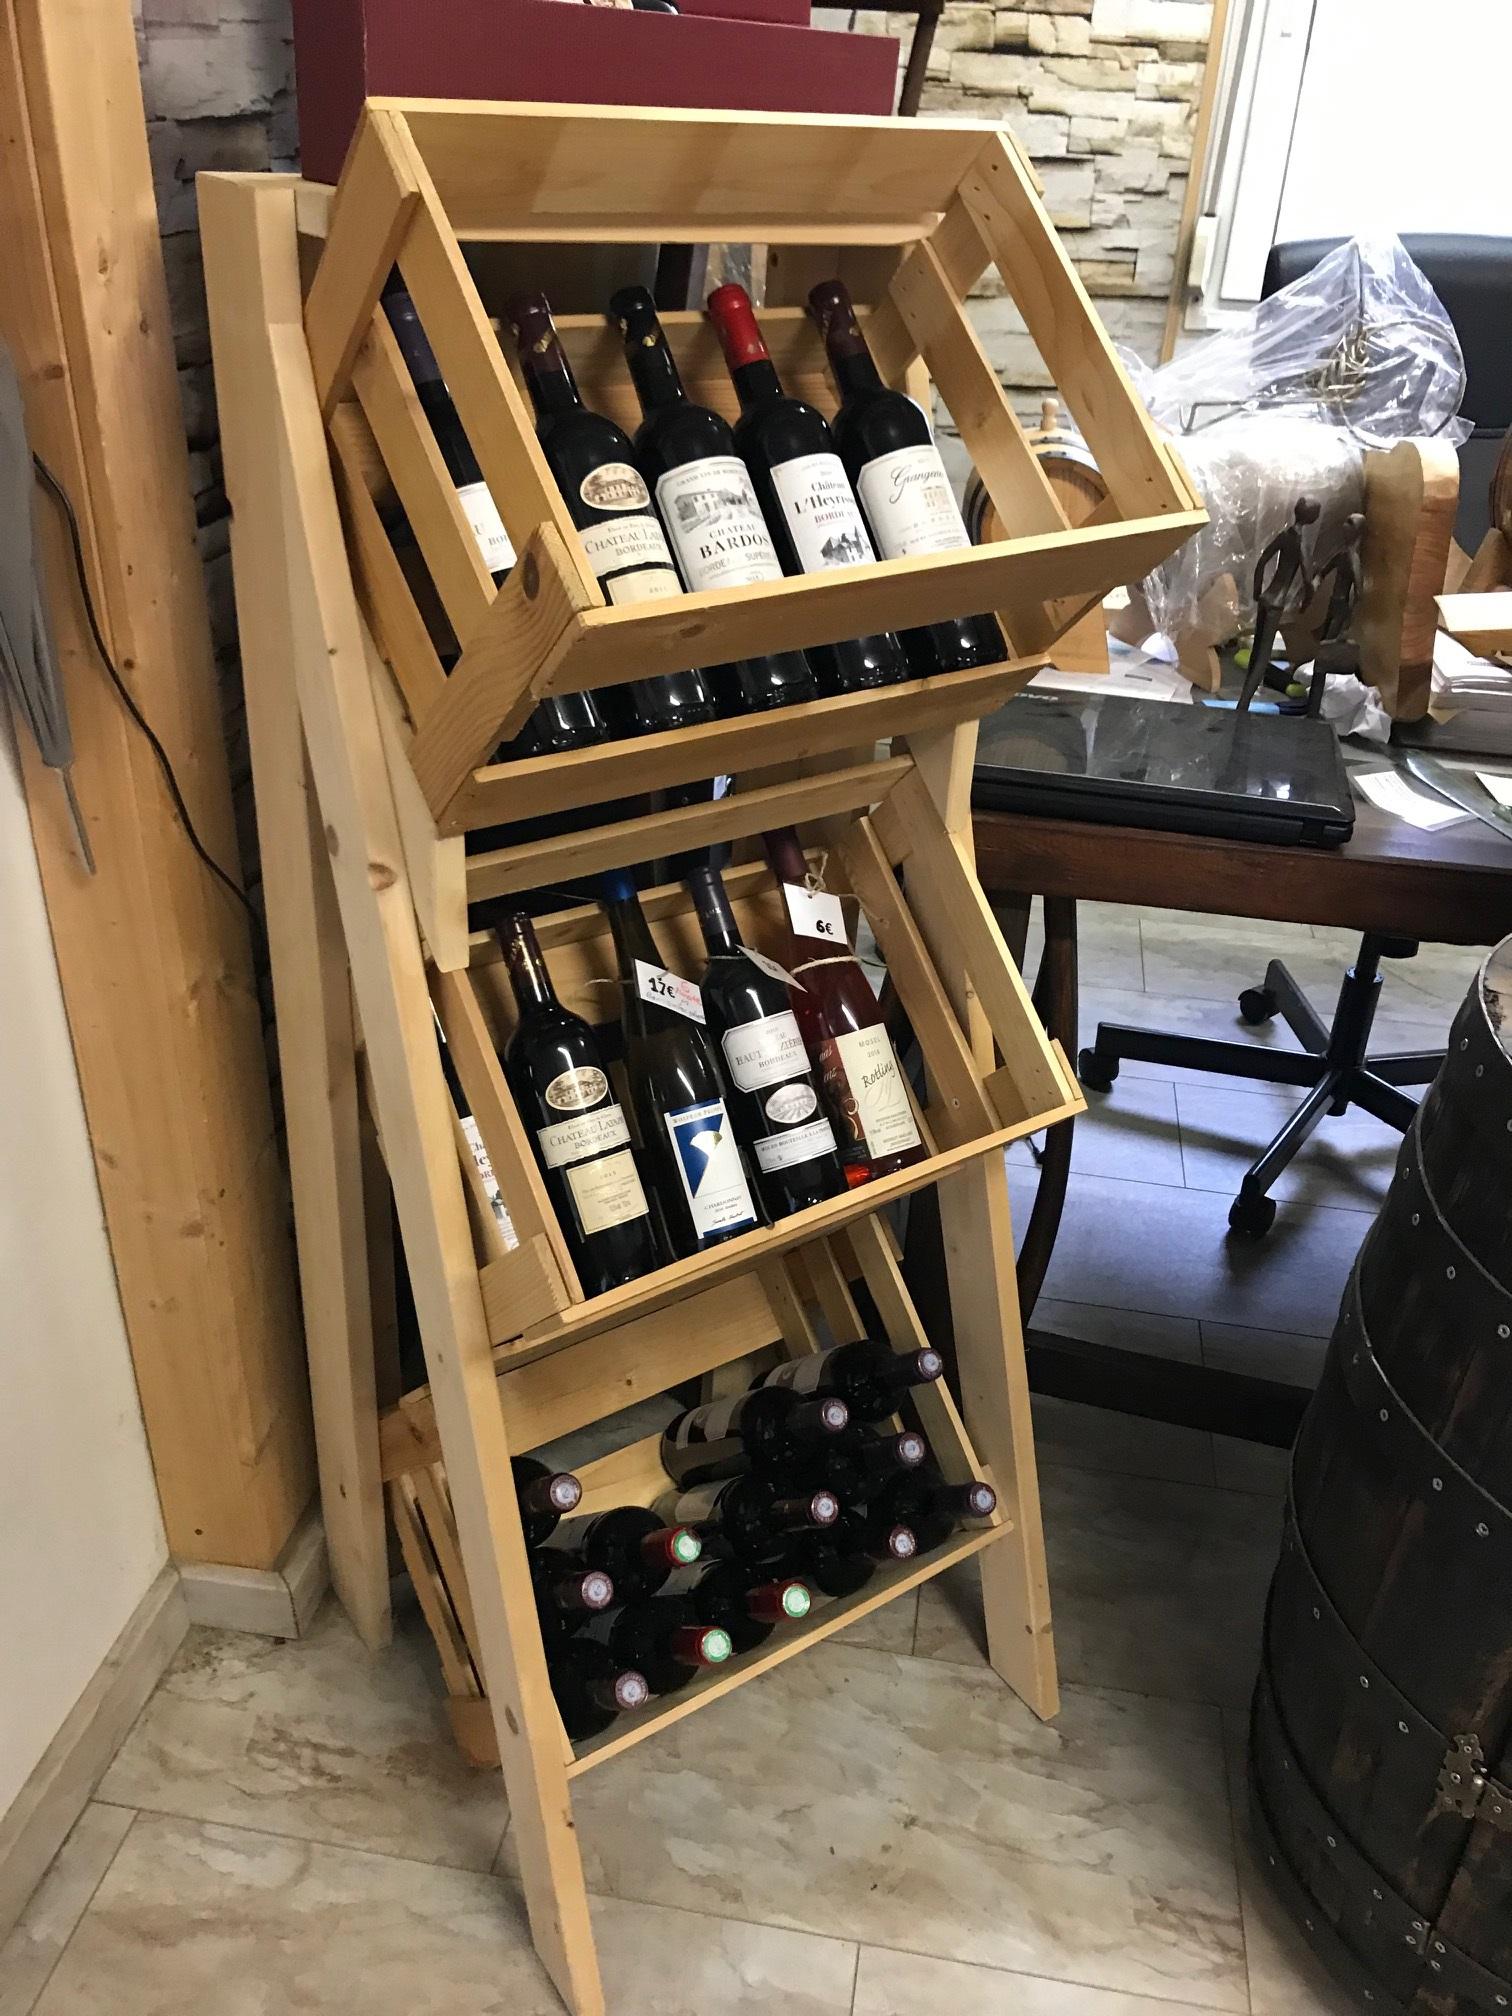 Full Size of Weinregal Kare Design Metall Klein Kallax Schwarz Weinregale Schweiz Ikea Flammen 3 Er Weinkiste Aufsteller Aus Neuen Abgeschliffenen Holz Regal Schräge Regal Wein Regal